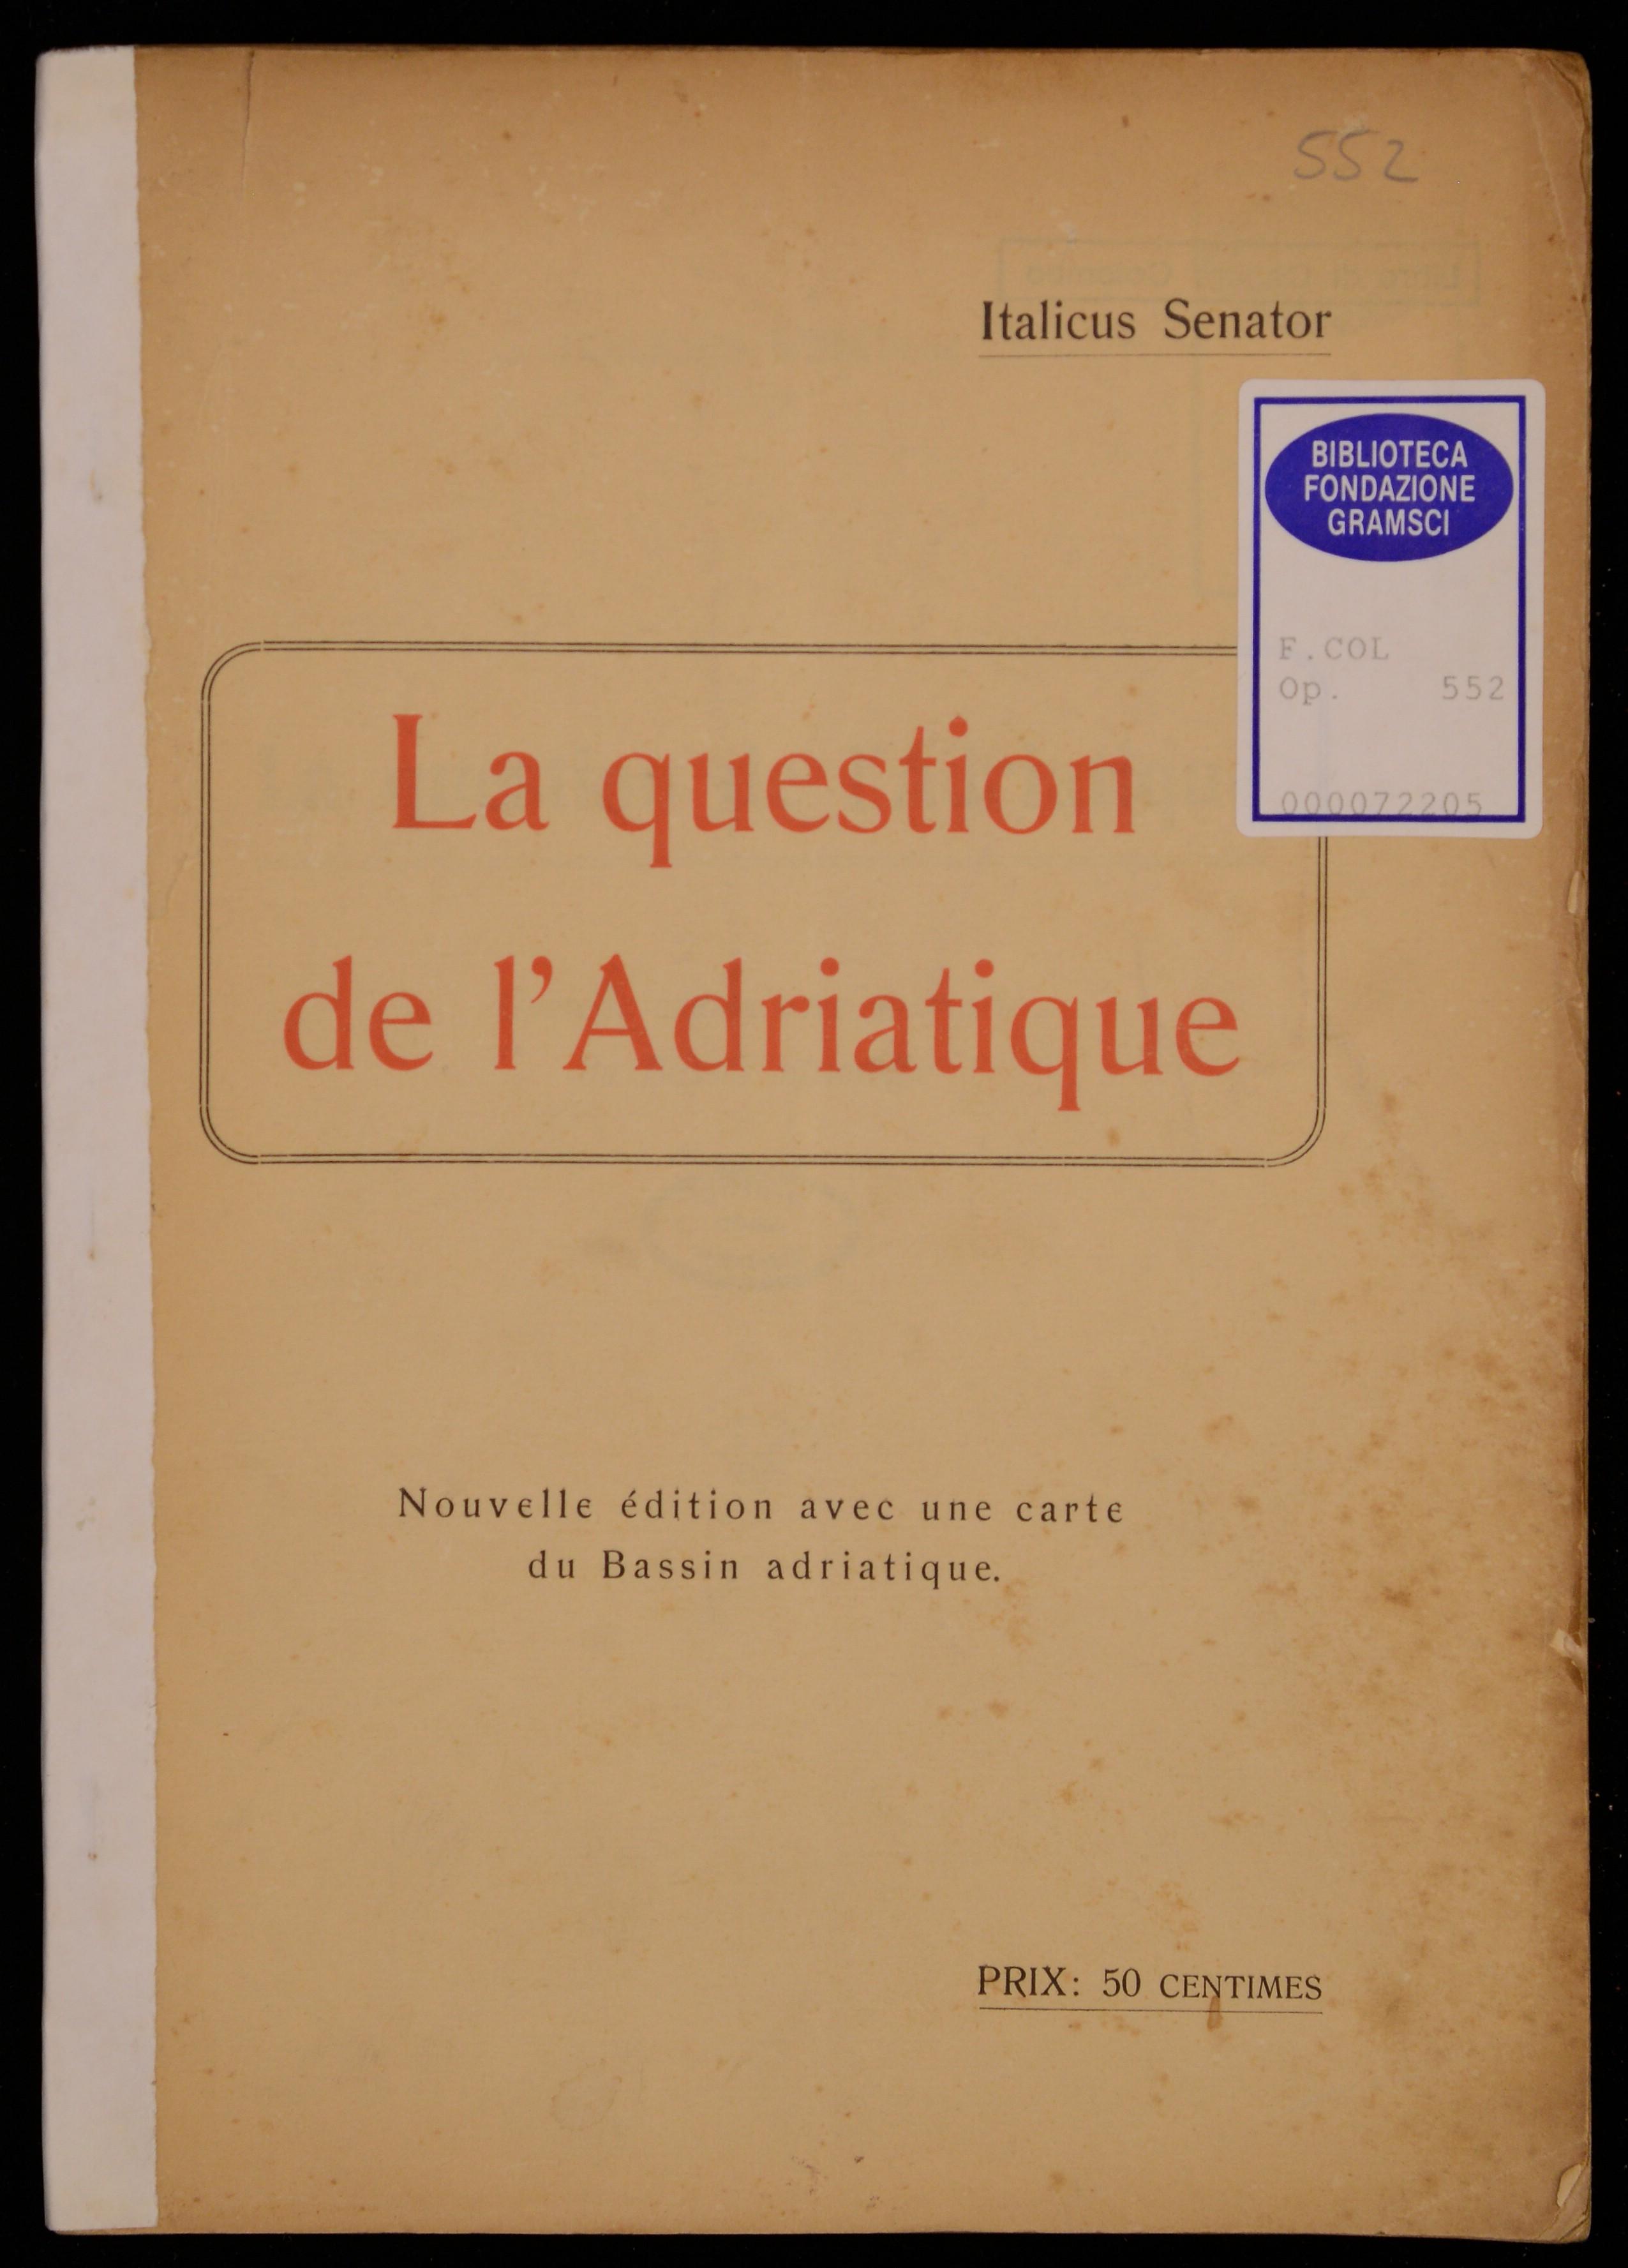 La question de l'Adriatique